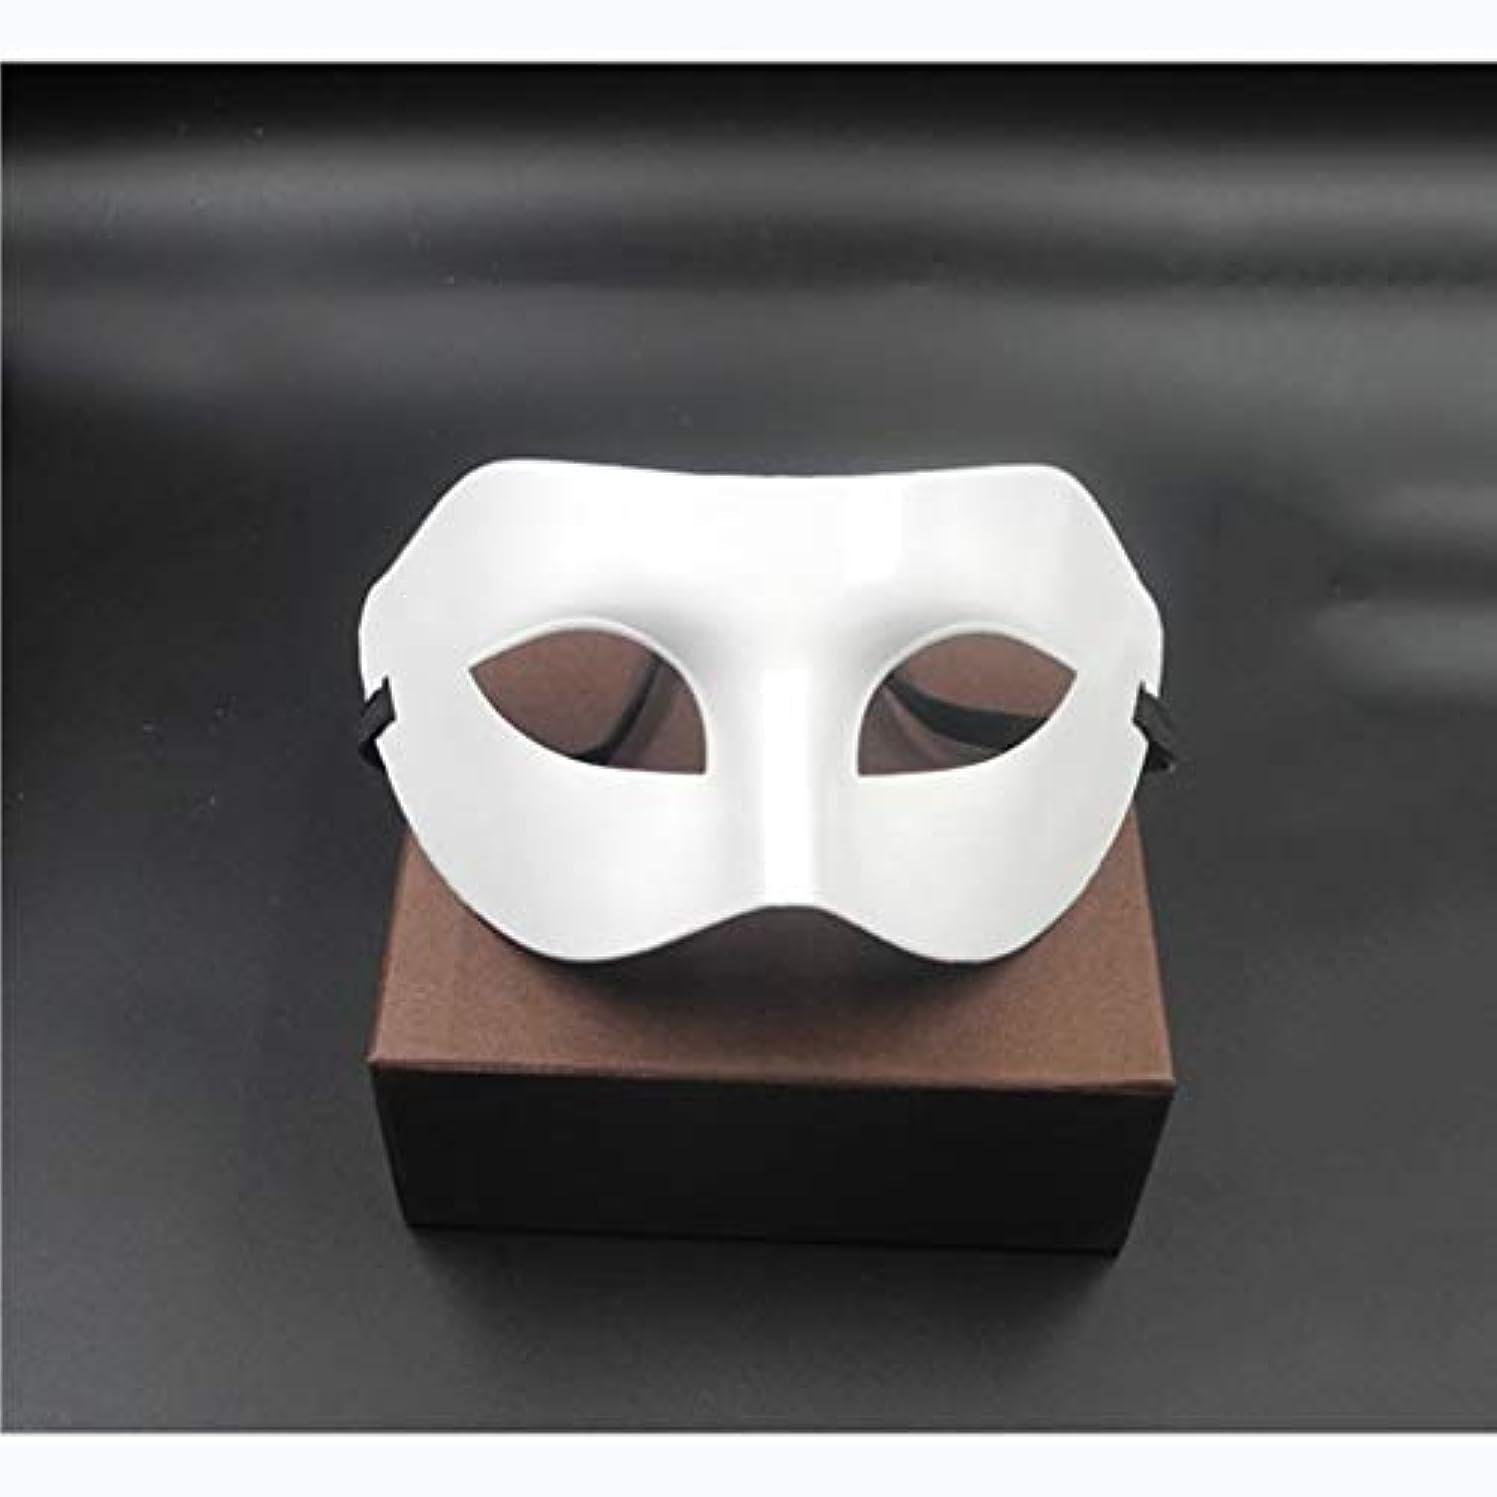 小屋バーストペルソナハロウィン男性と女性の半分の顔のマスクの大人の子供のマスクの仮装パーティー黒と白のマスク (Color : BLACK)